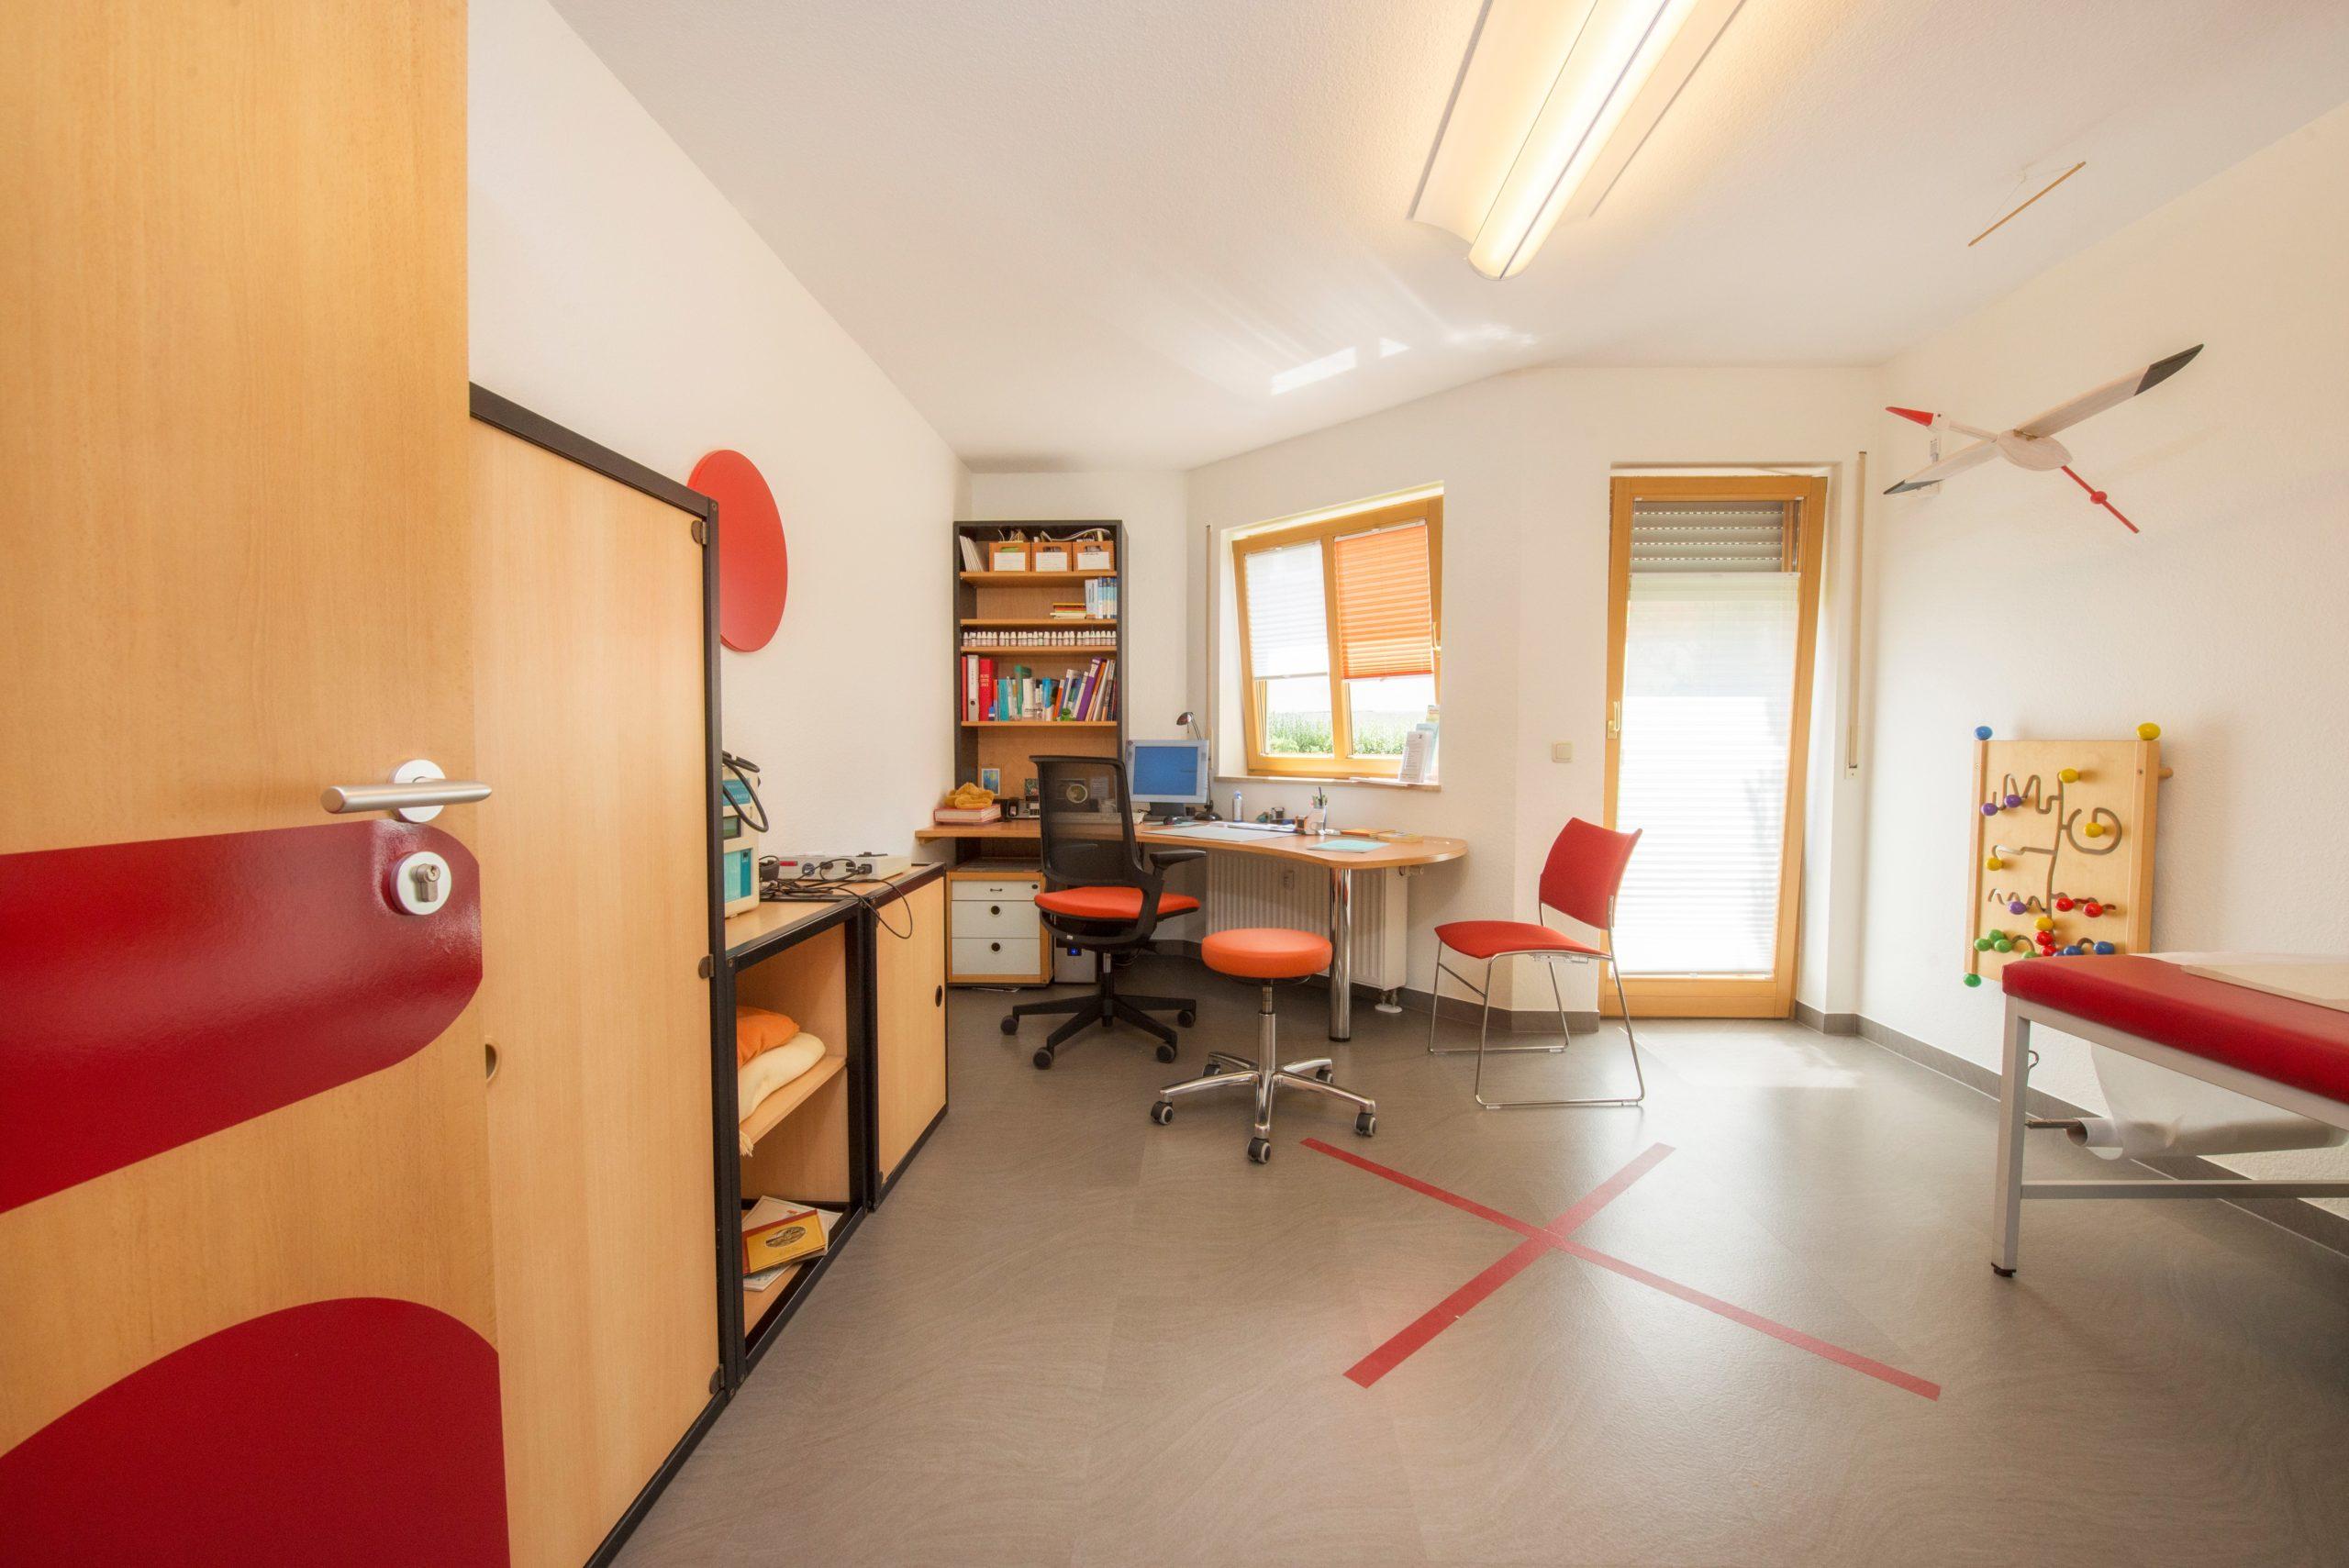 behandlungszimmer-raumplanung-farbkonzept